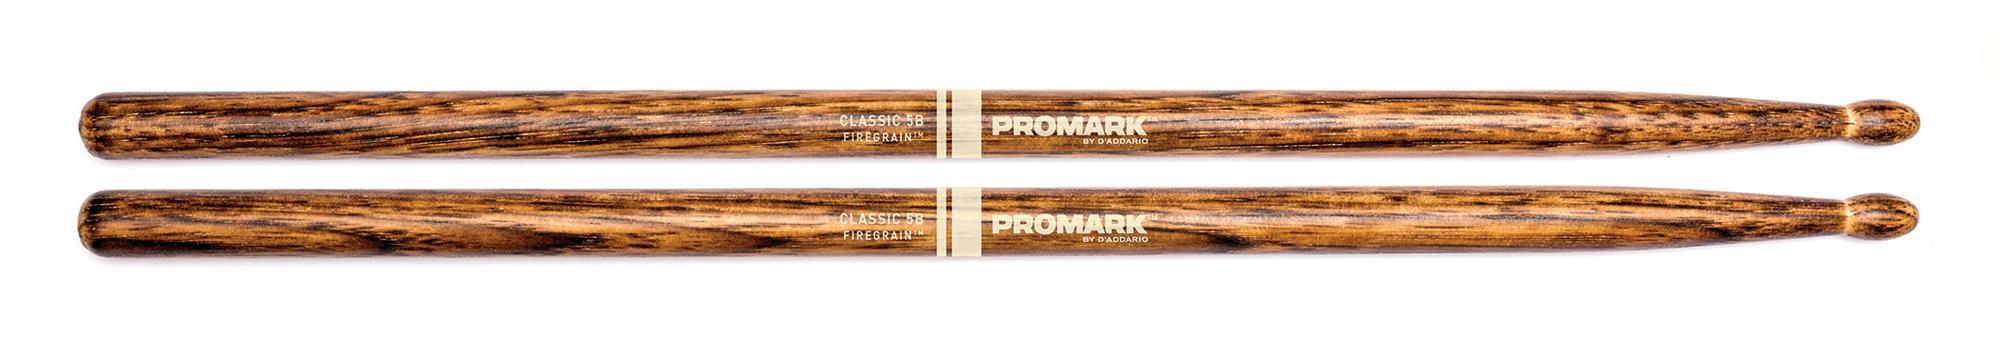 Promark FireGrain TX5BW-FG